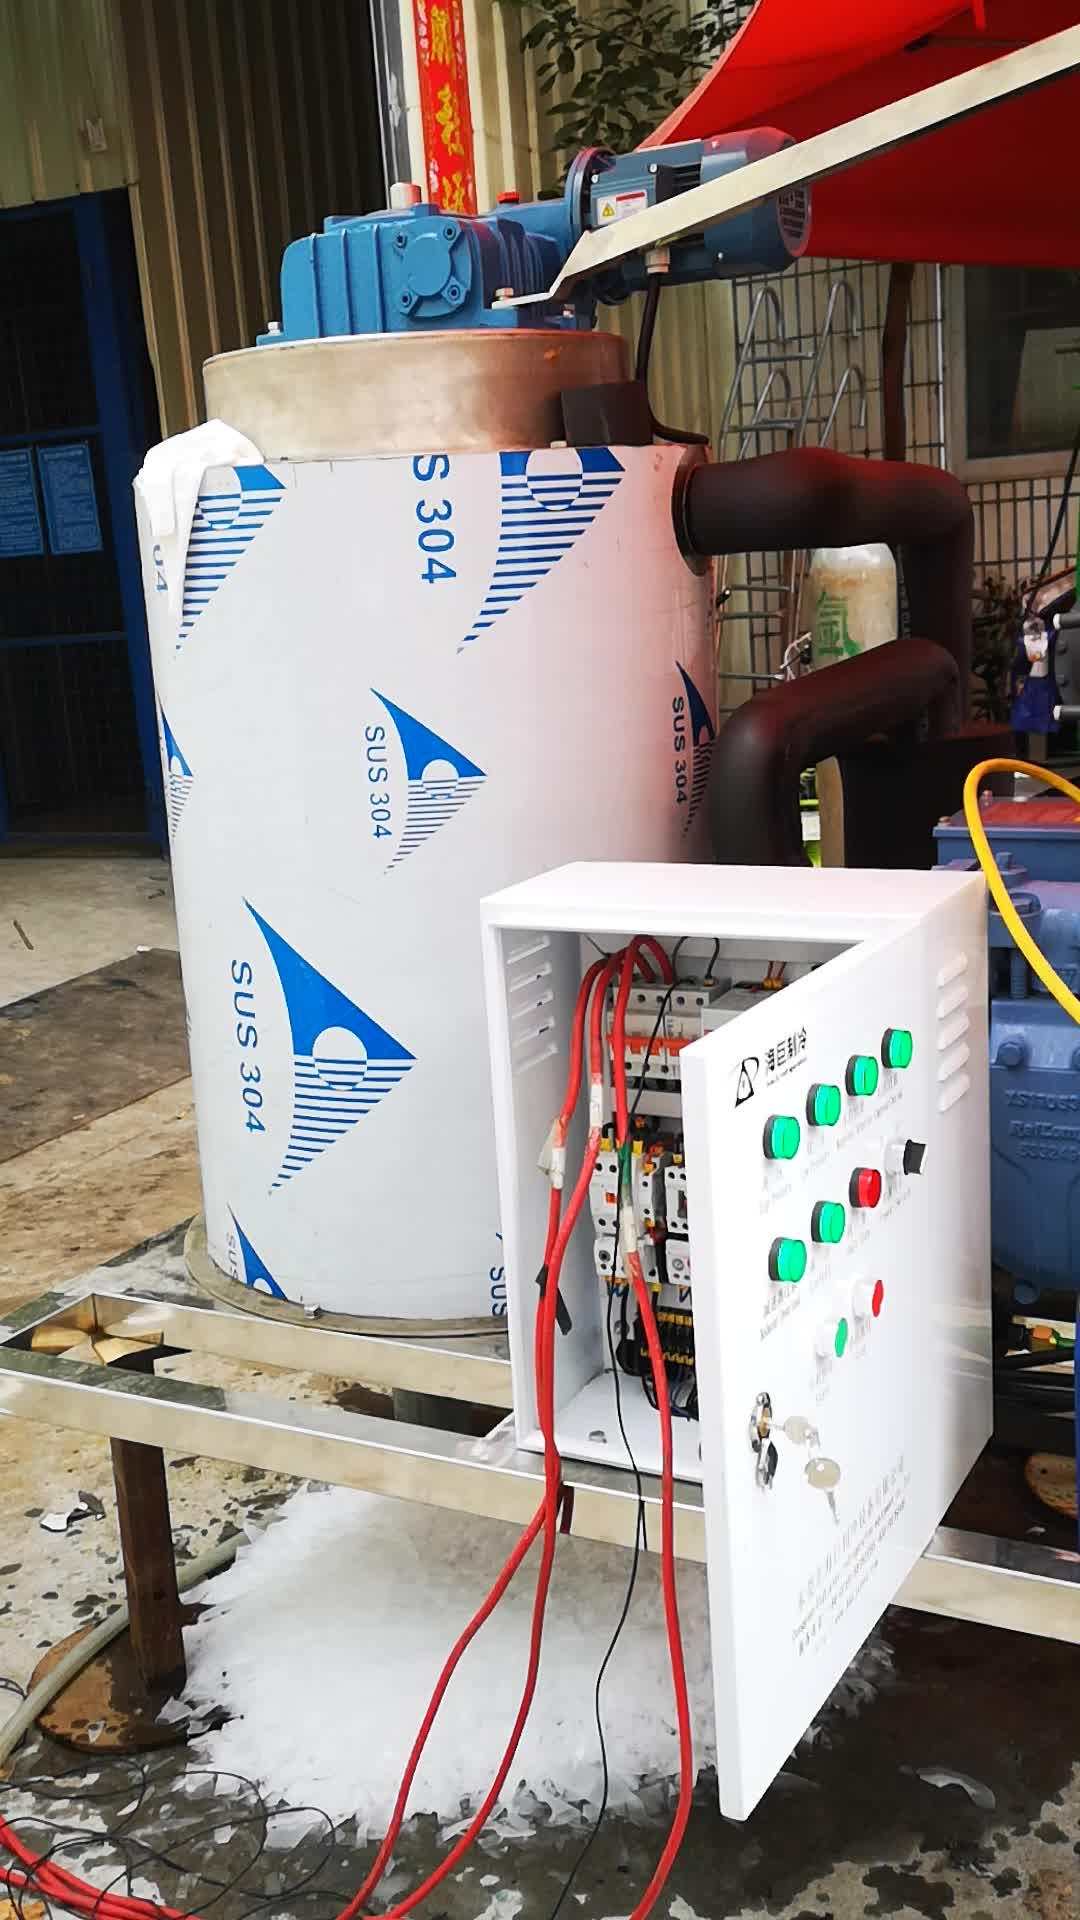 Salzwasser/Meerwasser scherbeneismaschine 1000kg/day